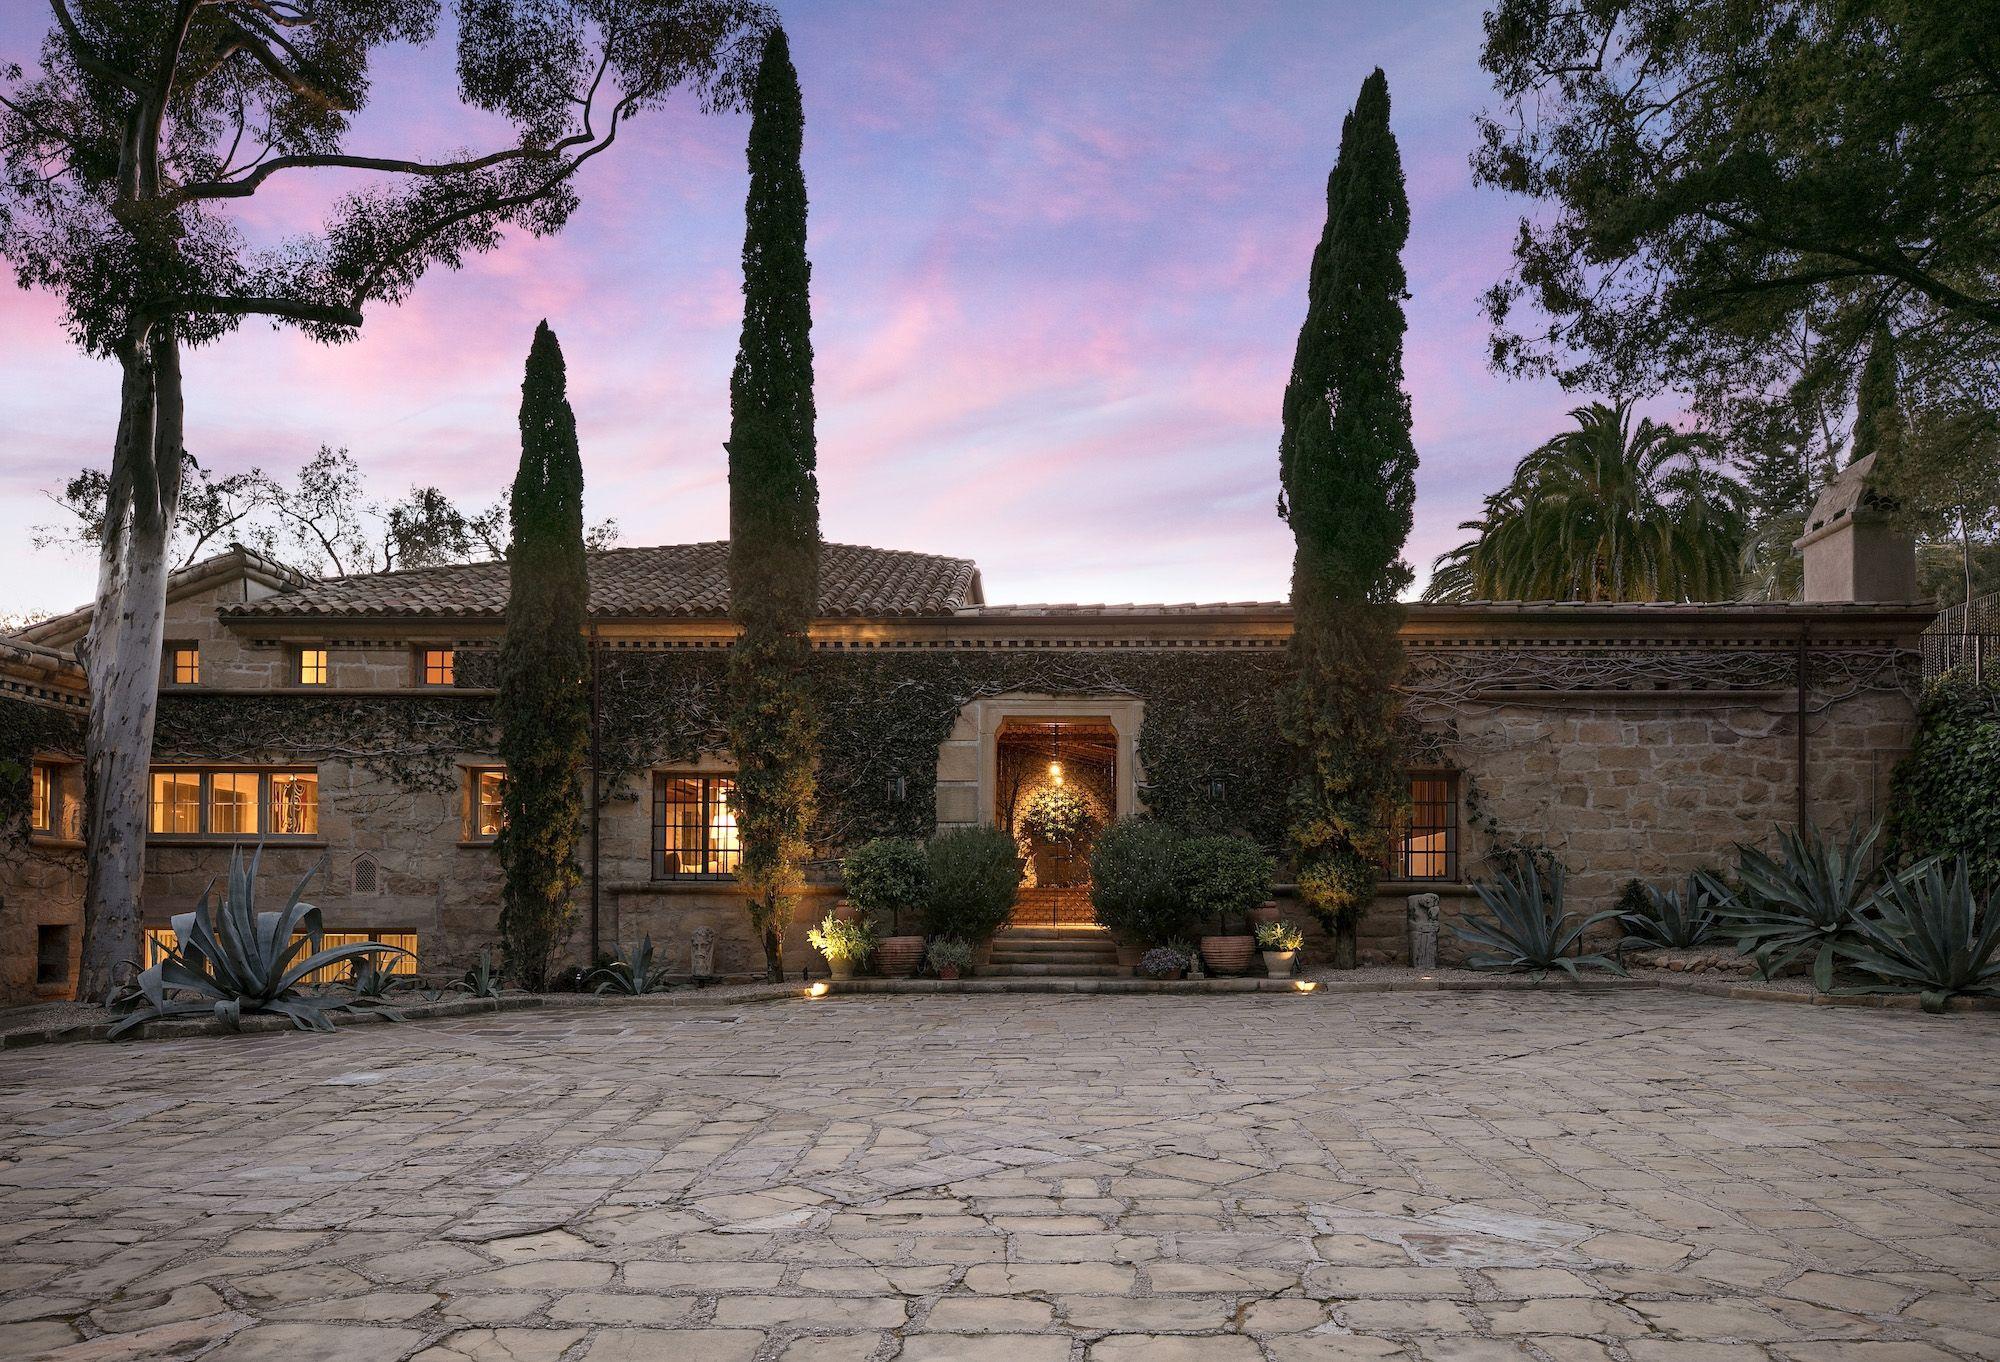 Celebrity Homes : Ellen DeGeneres is Selling Her Santa Barbara Villa celebrity homes Celebrity Homes : Ellen DeGeneres is Selling Her Santa Barbara Villa Celebrity Homes Ellen DeGeneres is Selling Her Santa Barbara Villa 6